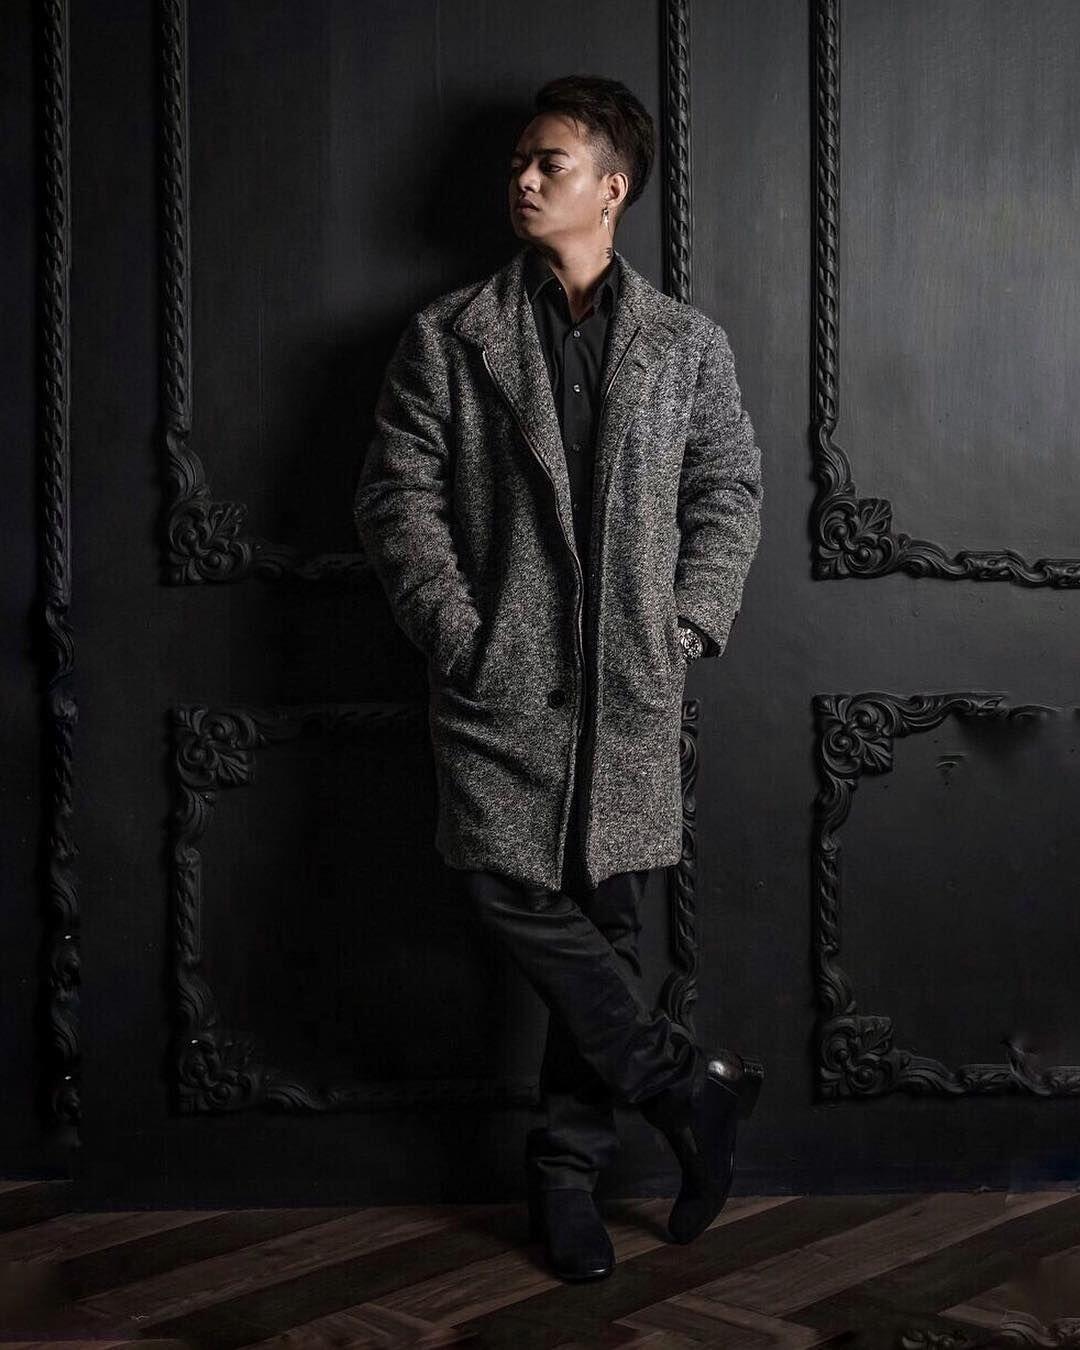 10 Potret Fashionable nan Kekinian Reza Arap, Swag Abis!